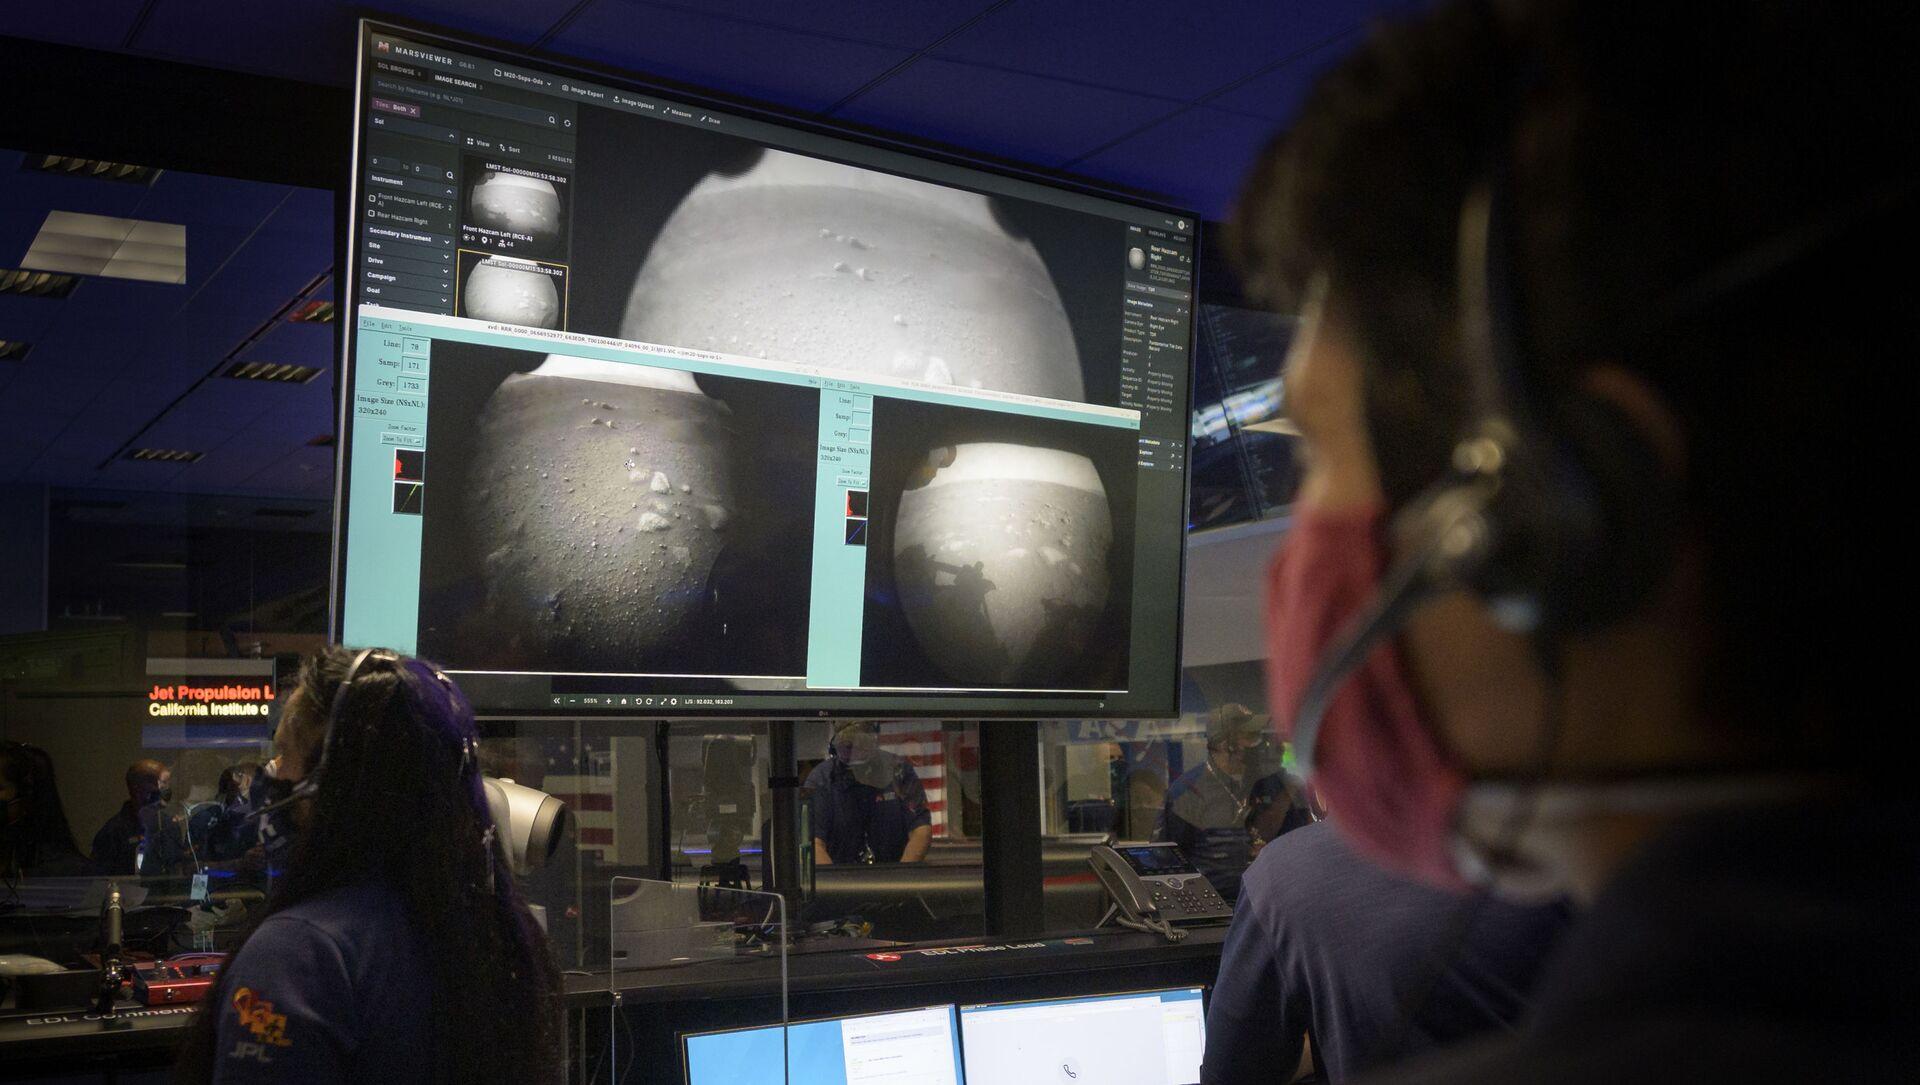 Члены команды NASA наблюдают за первыми изображениями, полученными с марсохода Perseverance после его посадки на Марс - Sputnik Узбекистан, 1920, 20.02.2021